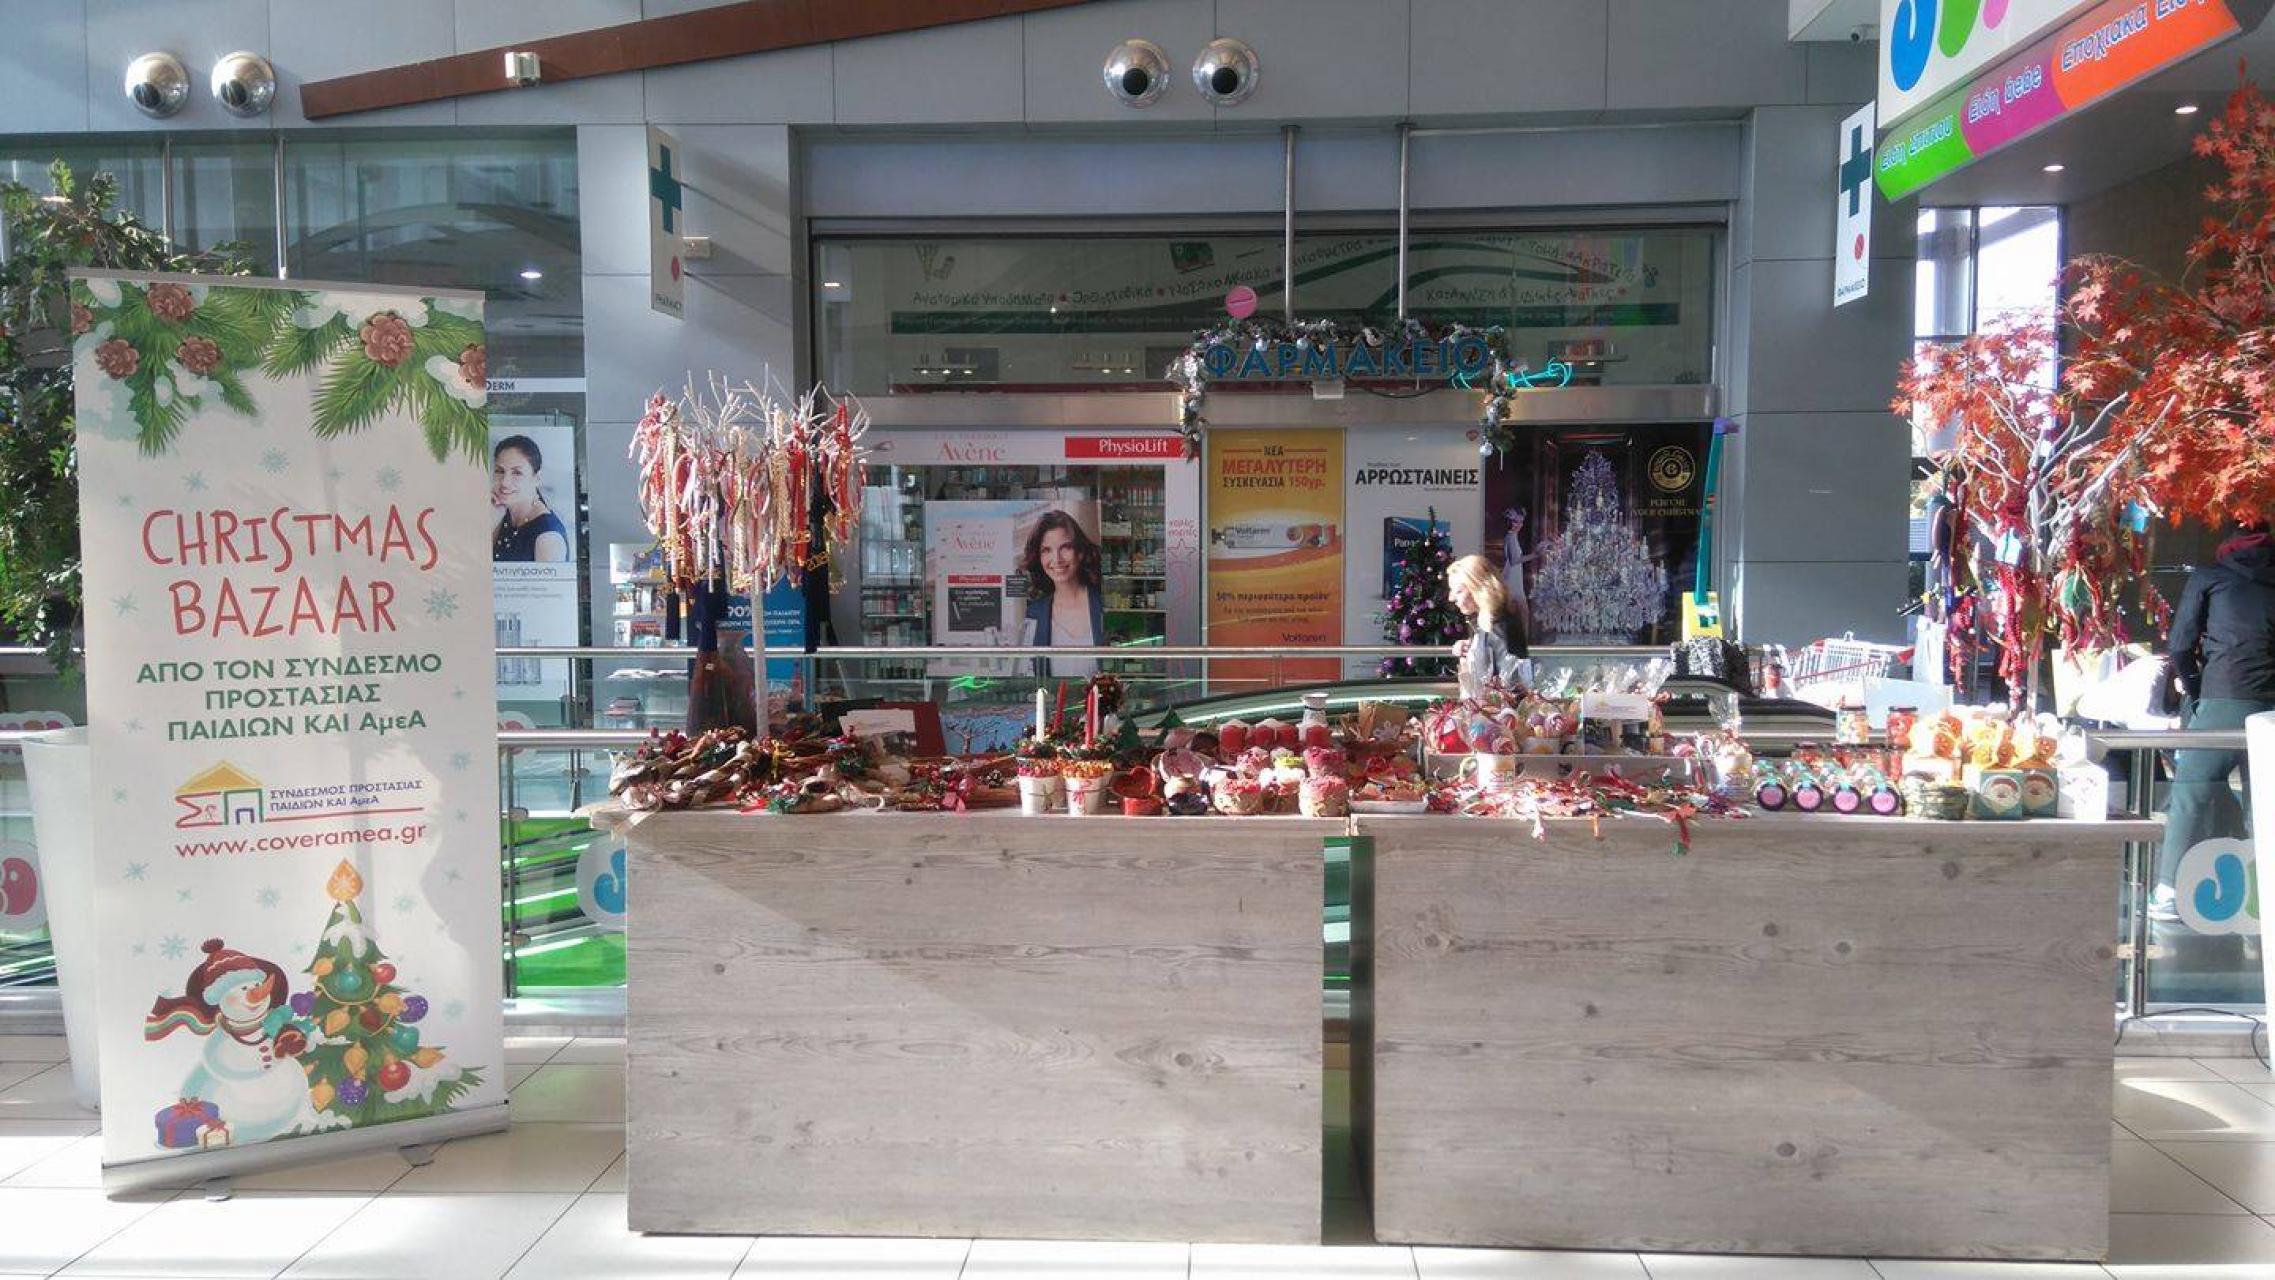 Χριστουγεννιάτικο Bazaar Avenue Σύνδεσμος Προστασίας Παιδιών και ΑμεΑ